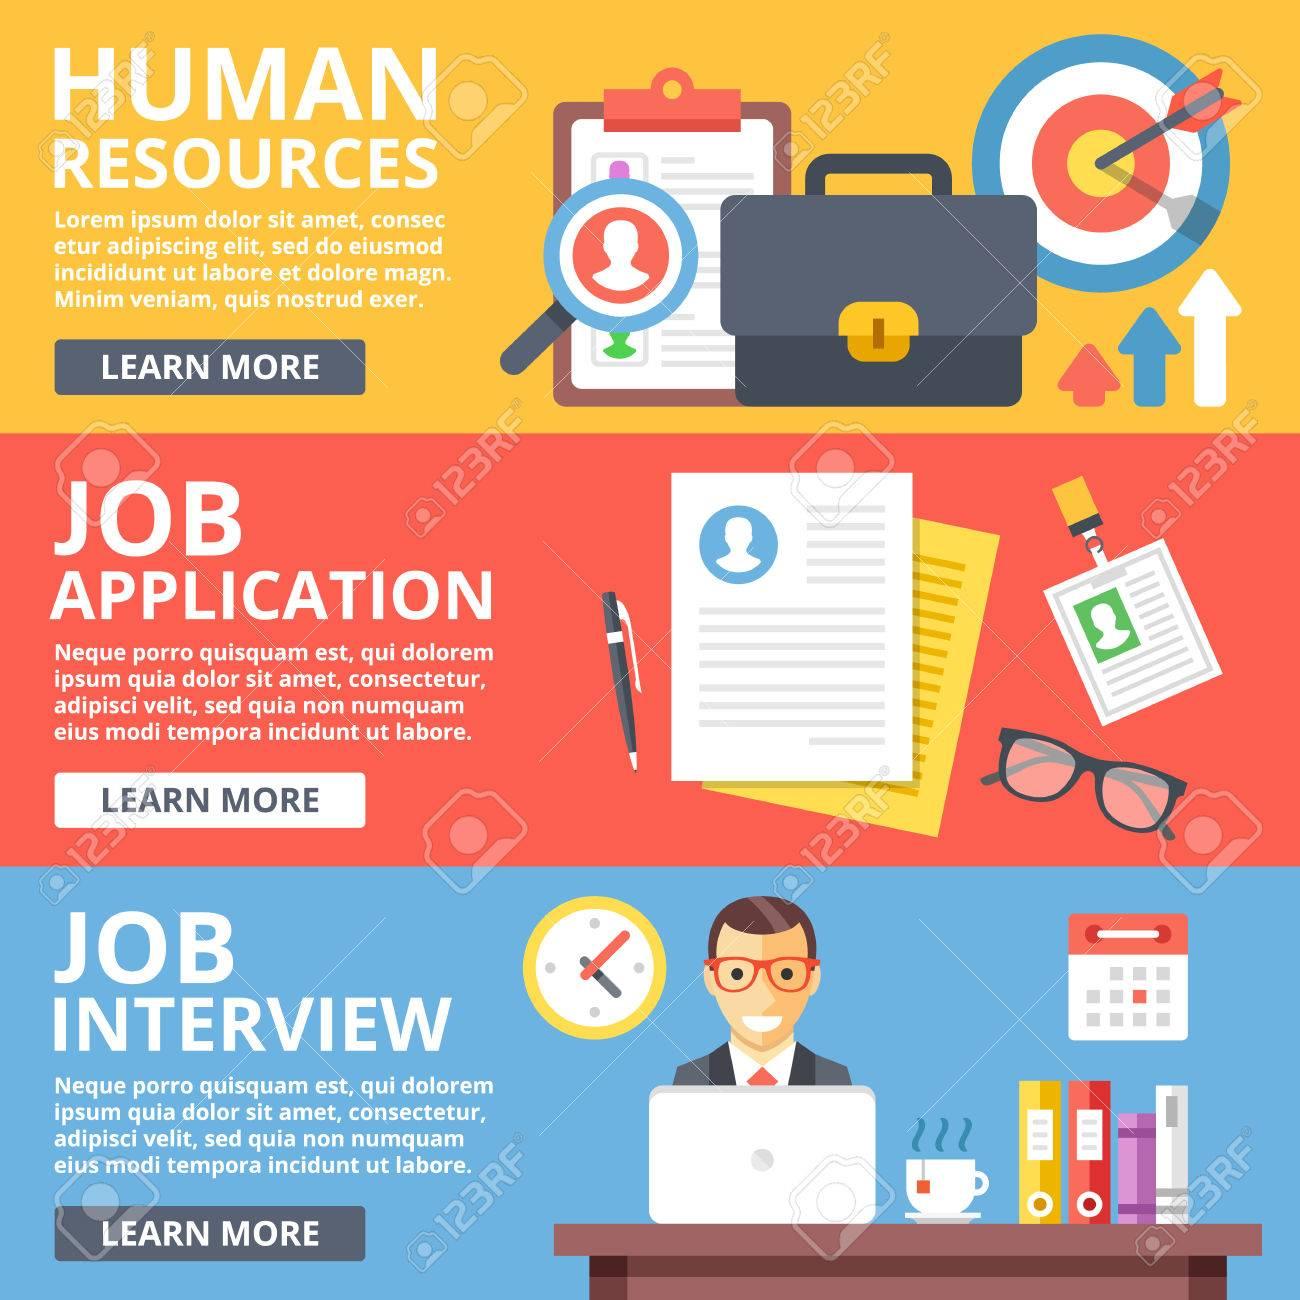 human resources bewerbung vorstellungsgesprch flach abbildung satz standard bild 55398729 - Bewerbung Vorstellungsgesprach